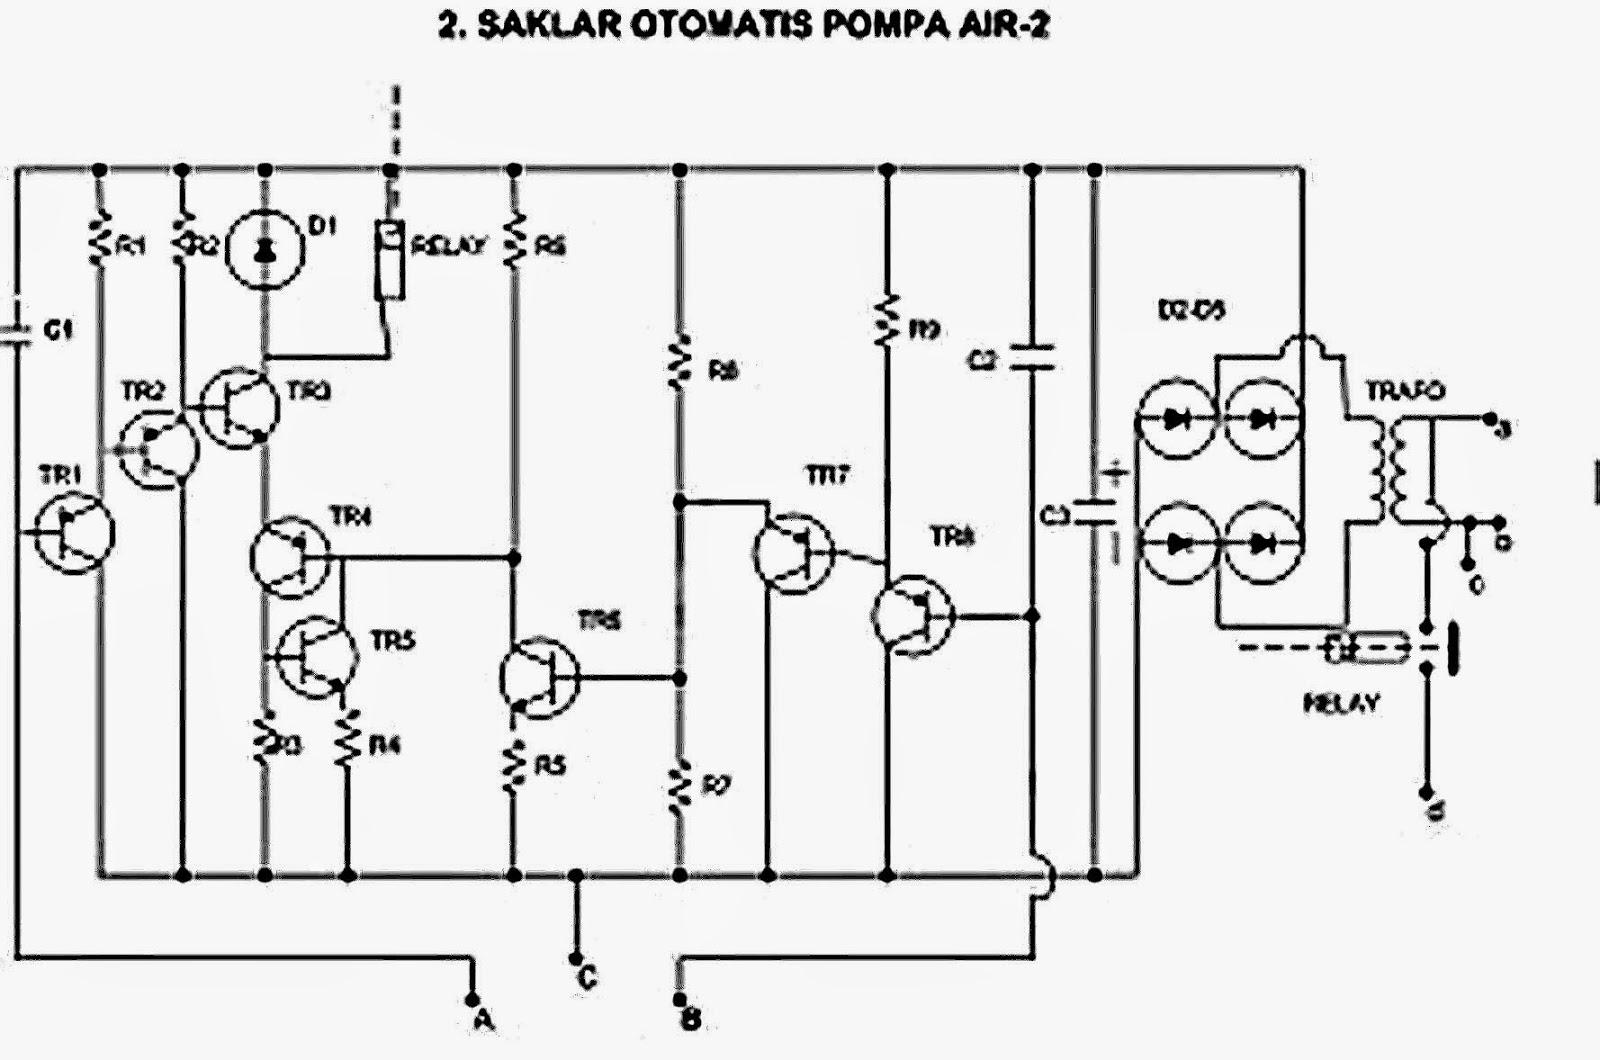 Rangkaian SAKLAR OTOMATIS POMPA AIR (Sensor pendeteksi tinggi rendahnya air)